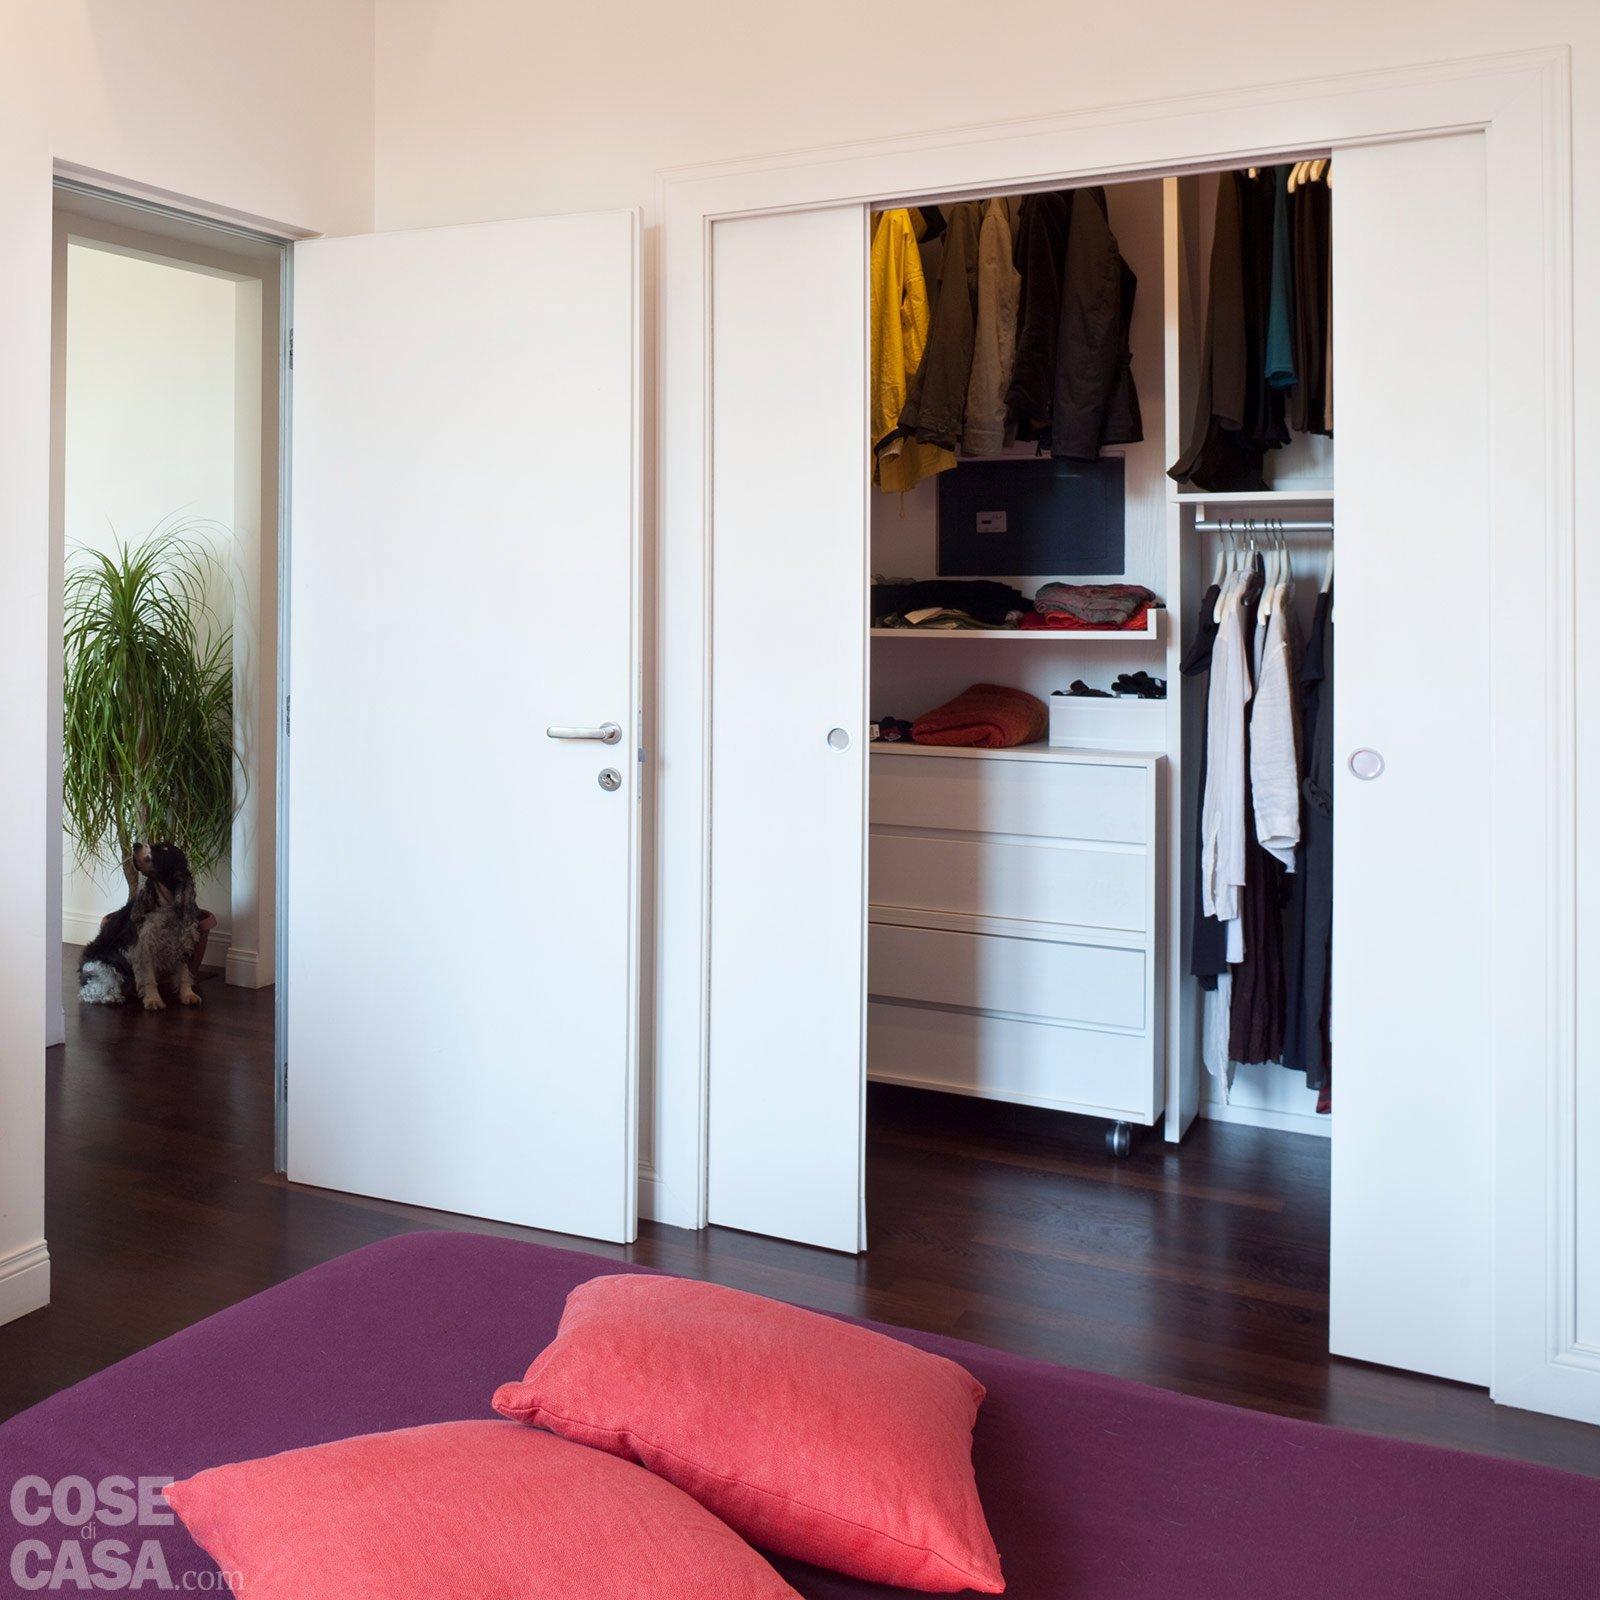 camera da letto con cabina armadio e bagno. fabulous camera da ... - Cabina Armadio Camera Da Letto